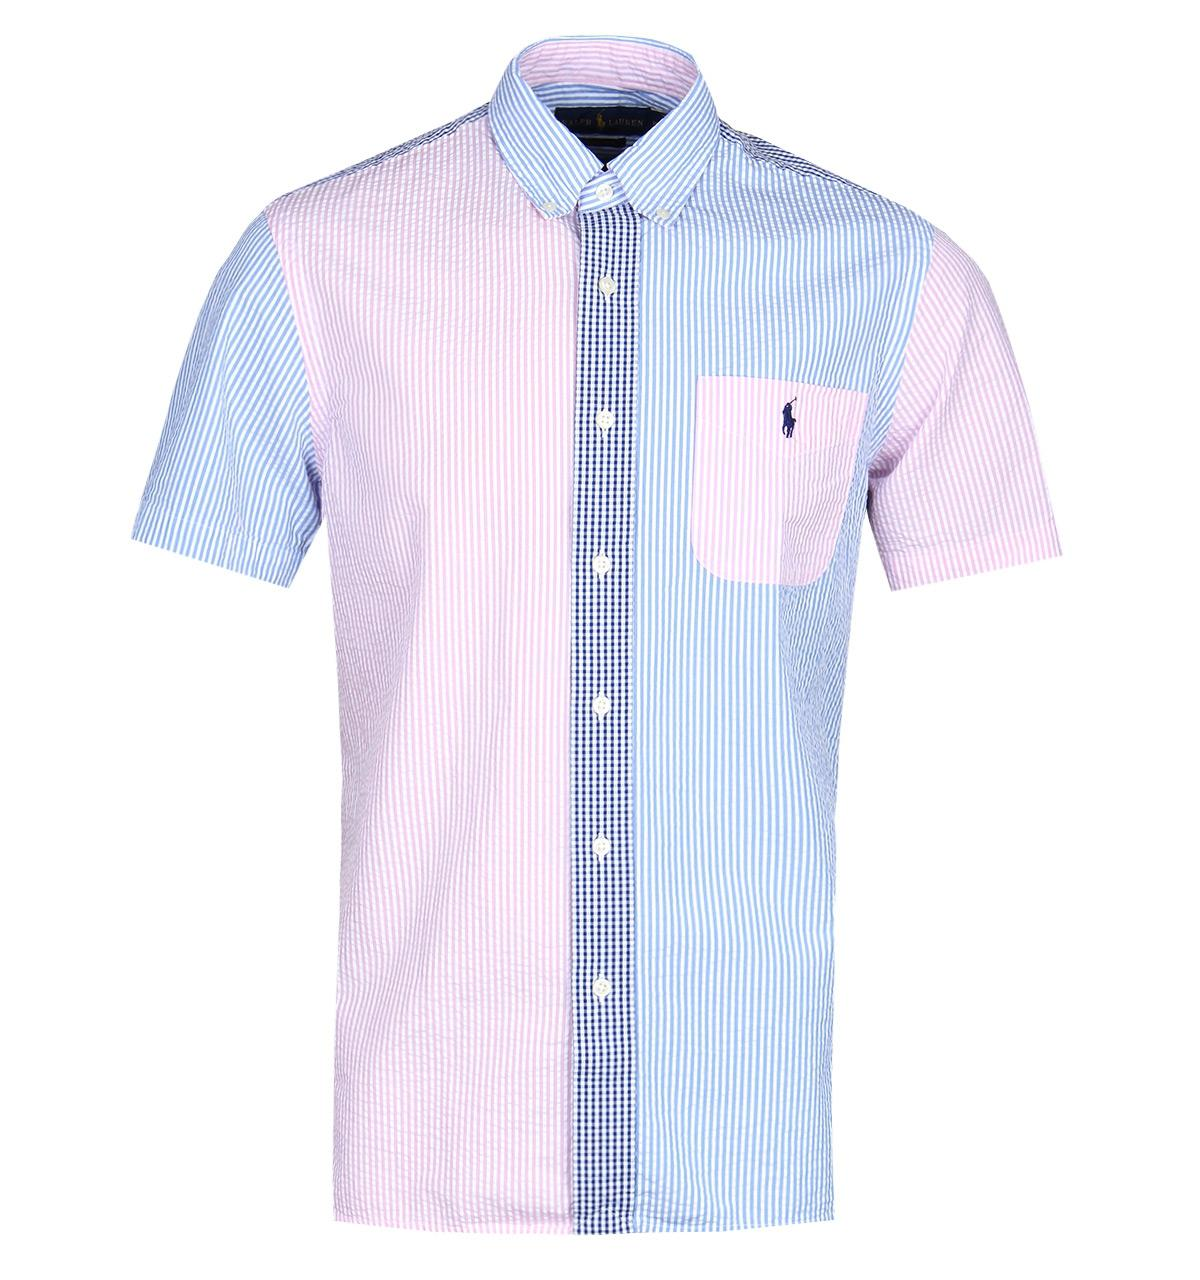 Polo Ralph Lauren Cotton Blue Pink Seersucker Short Sleeve Shirt